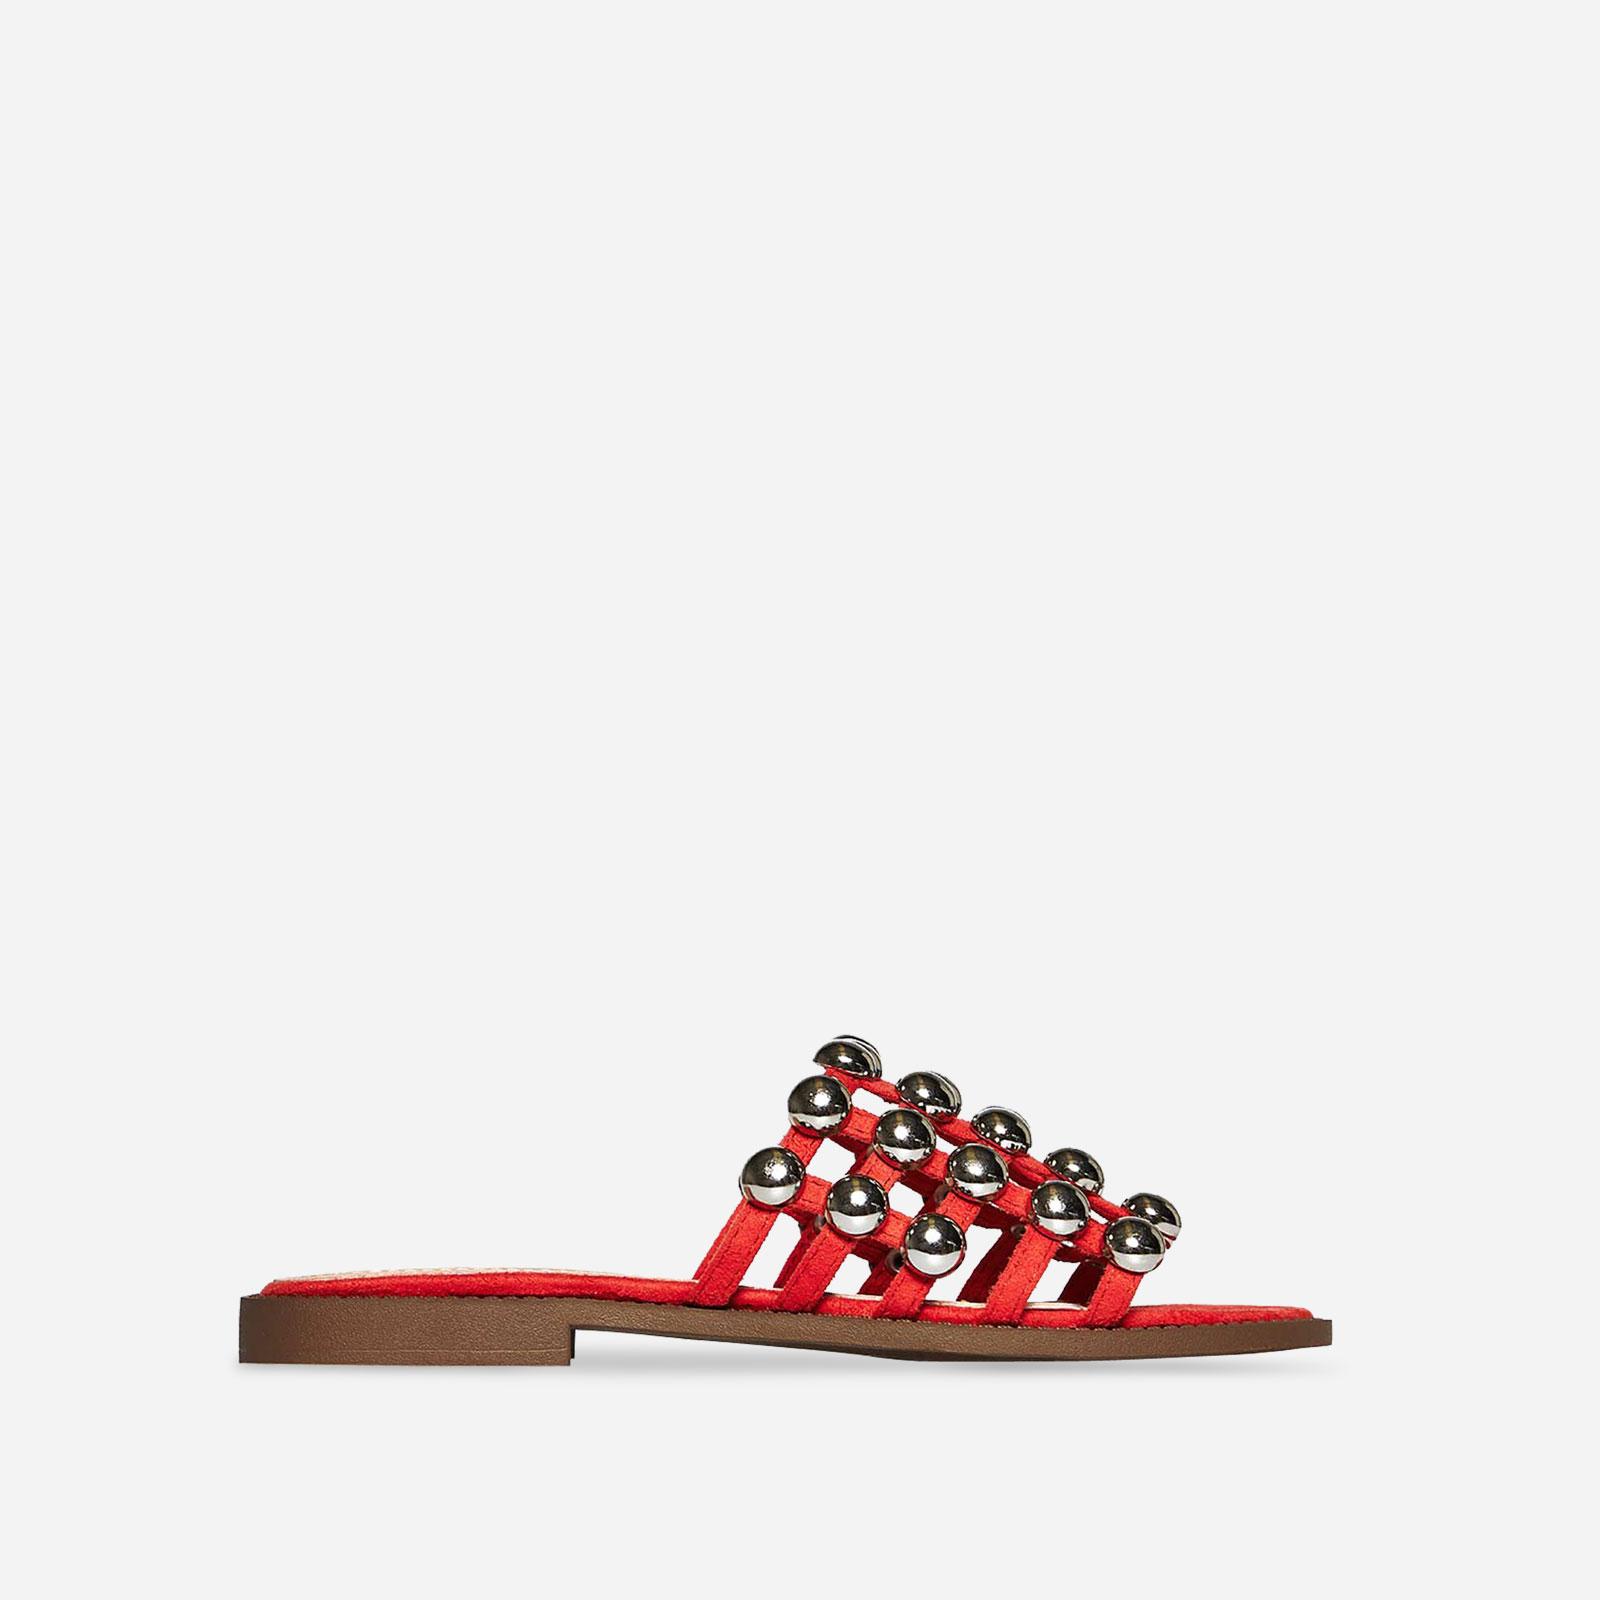 Shoes Hazel Studded Slider In Orange Faux Suede, Women's Size UK 7